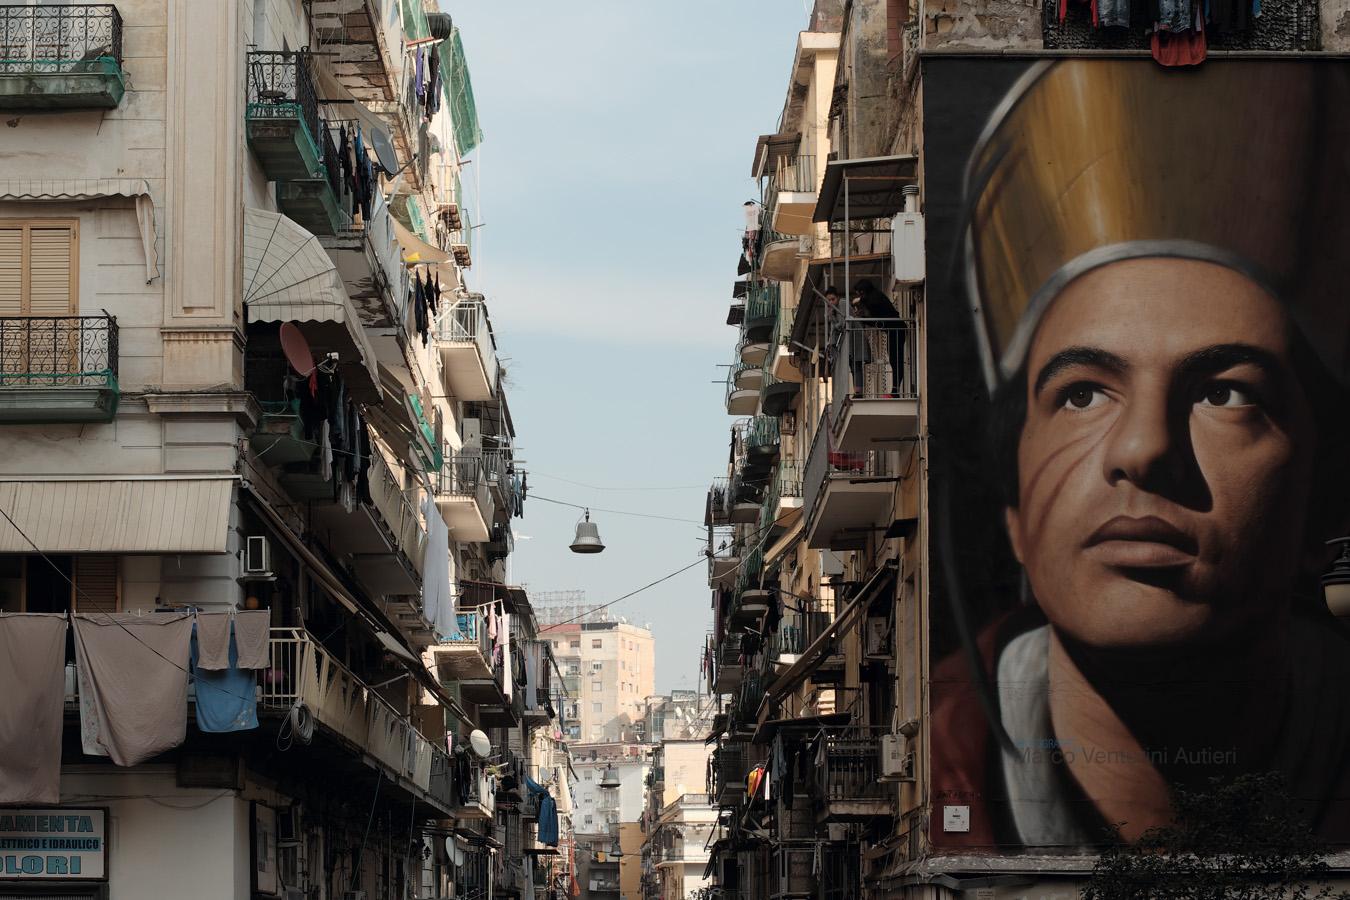 Naples' busy architecture: i palazzi di Napoli